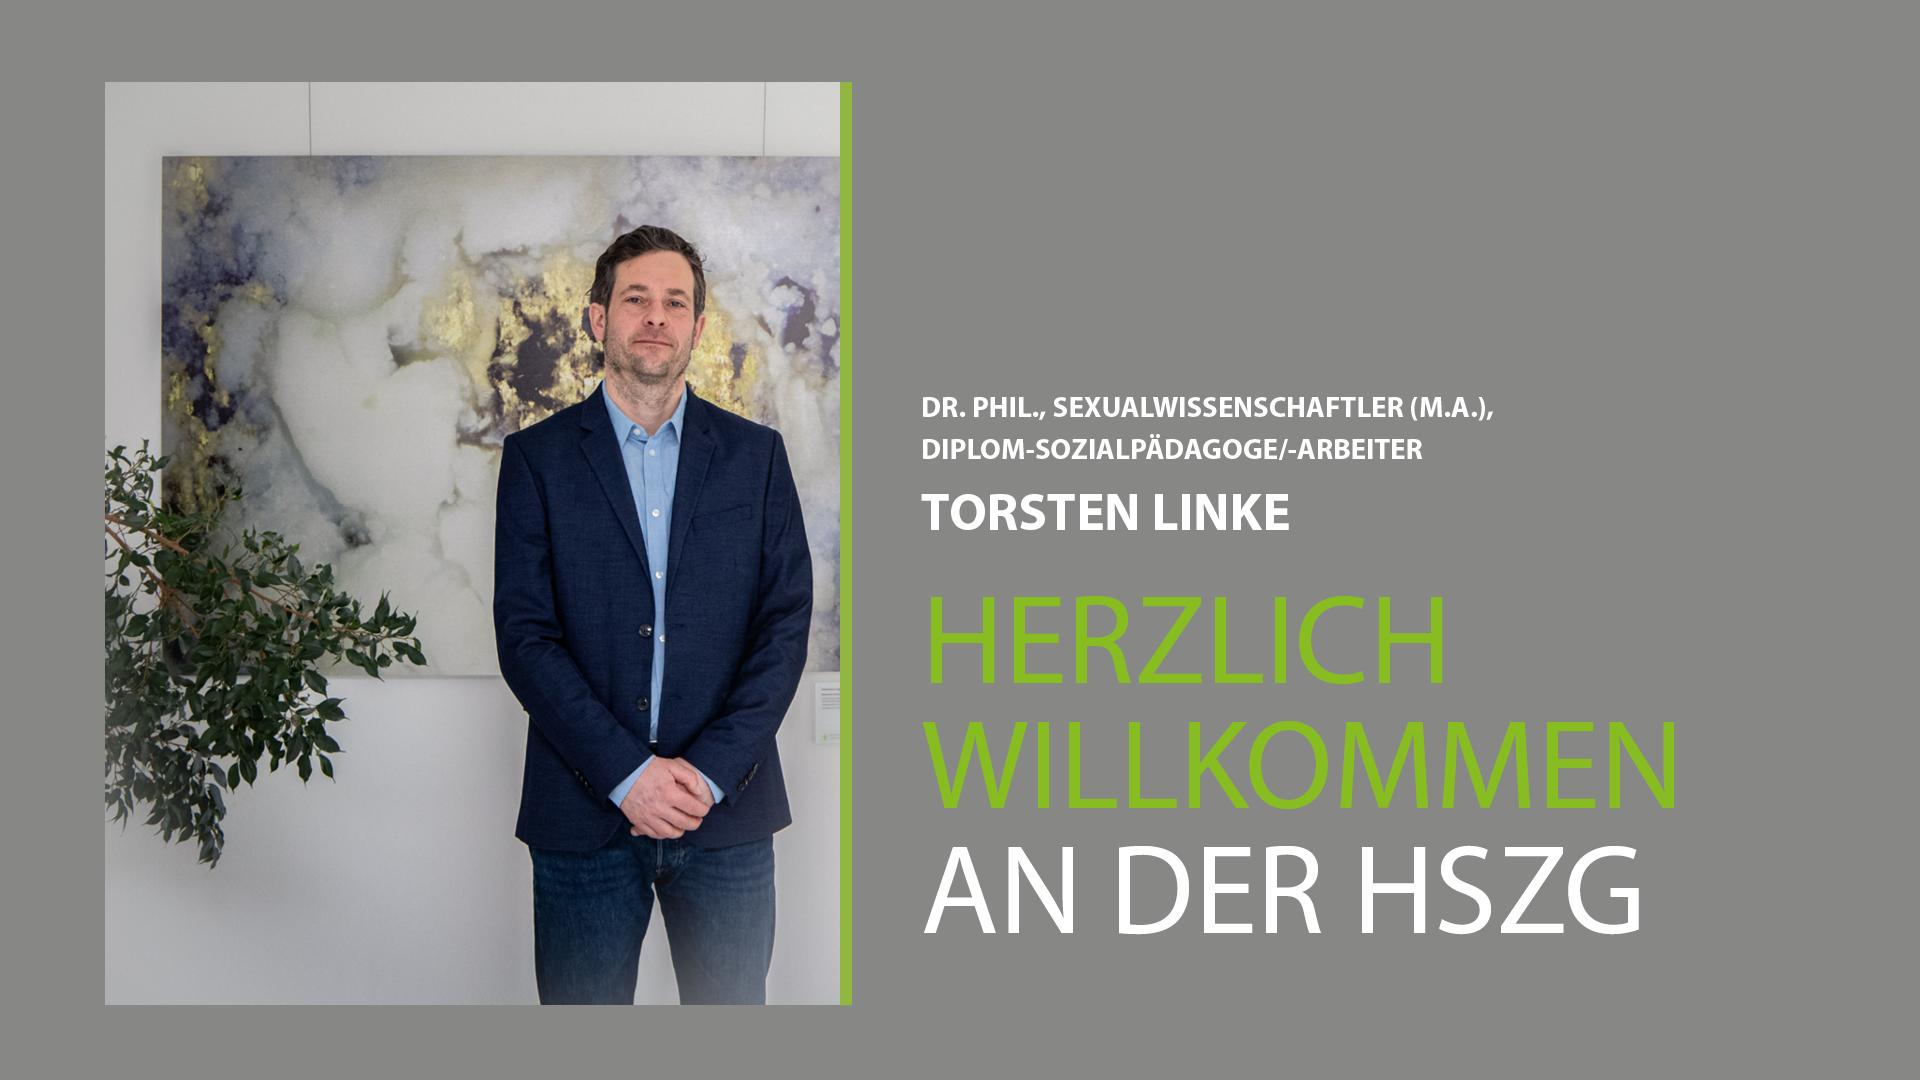 Prof. Linke steht vor einem Gemälde im Haus I der HSZG. Er trägt einen dunkelblauen Anzug und guckt stolz in die Kamera. Er wurde am 1.3.20 an die HSZG berufen.